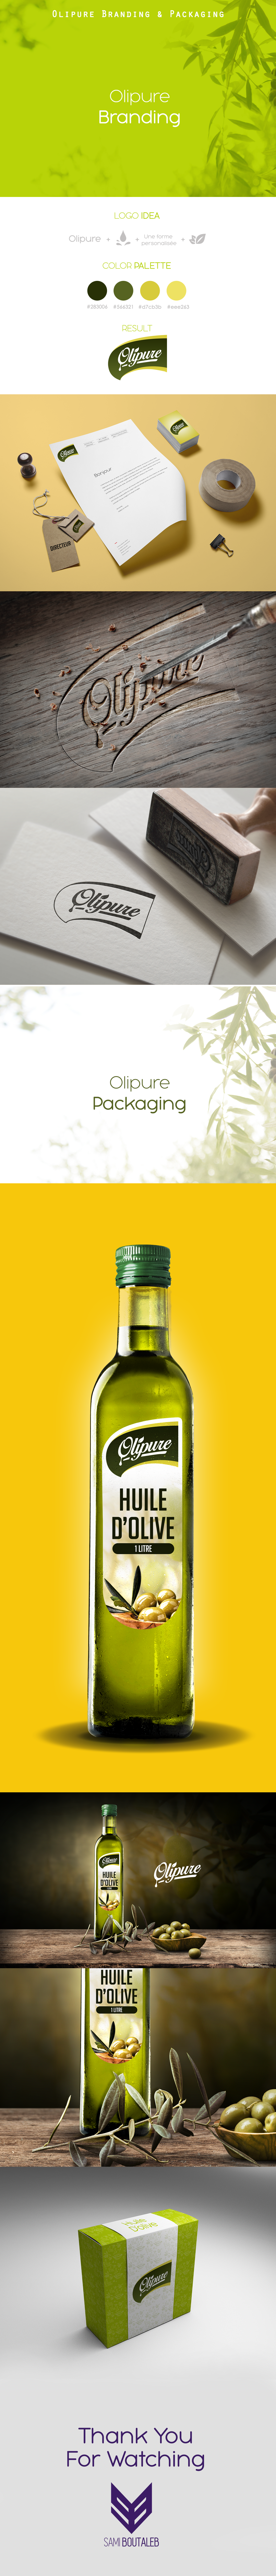 Olipure - Branding & Packaging